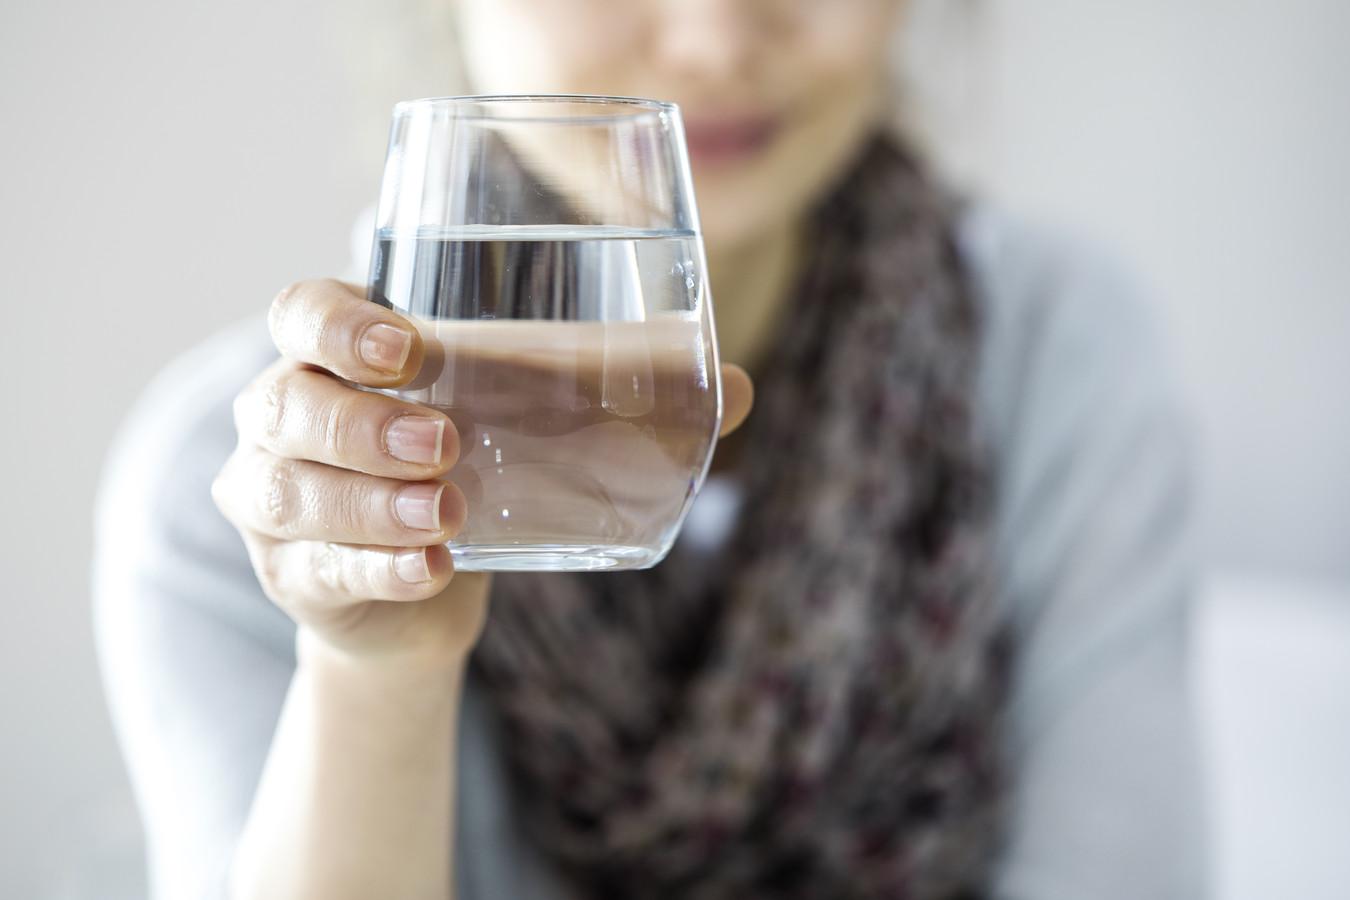 Genoeg drinken is belangrijk. Ook voor je hersenen.